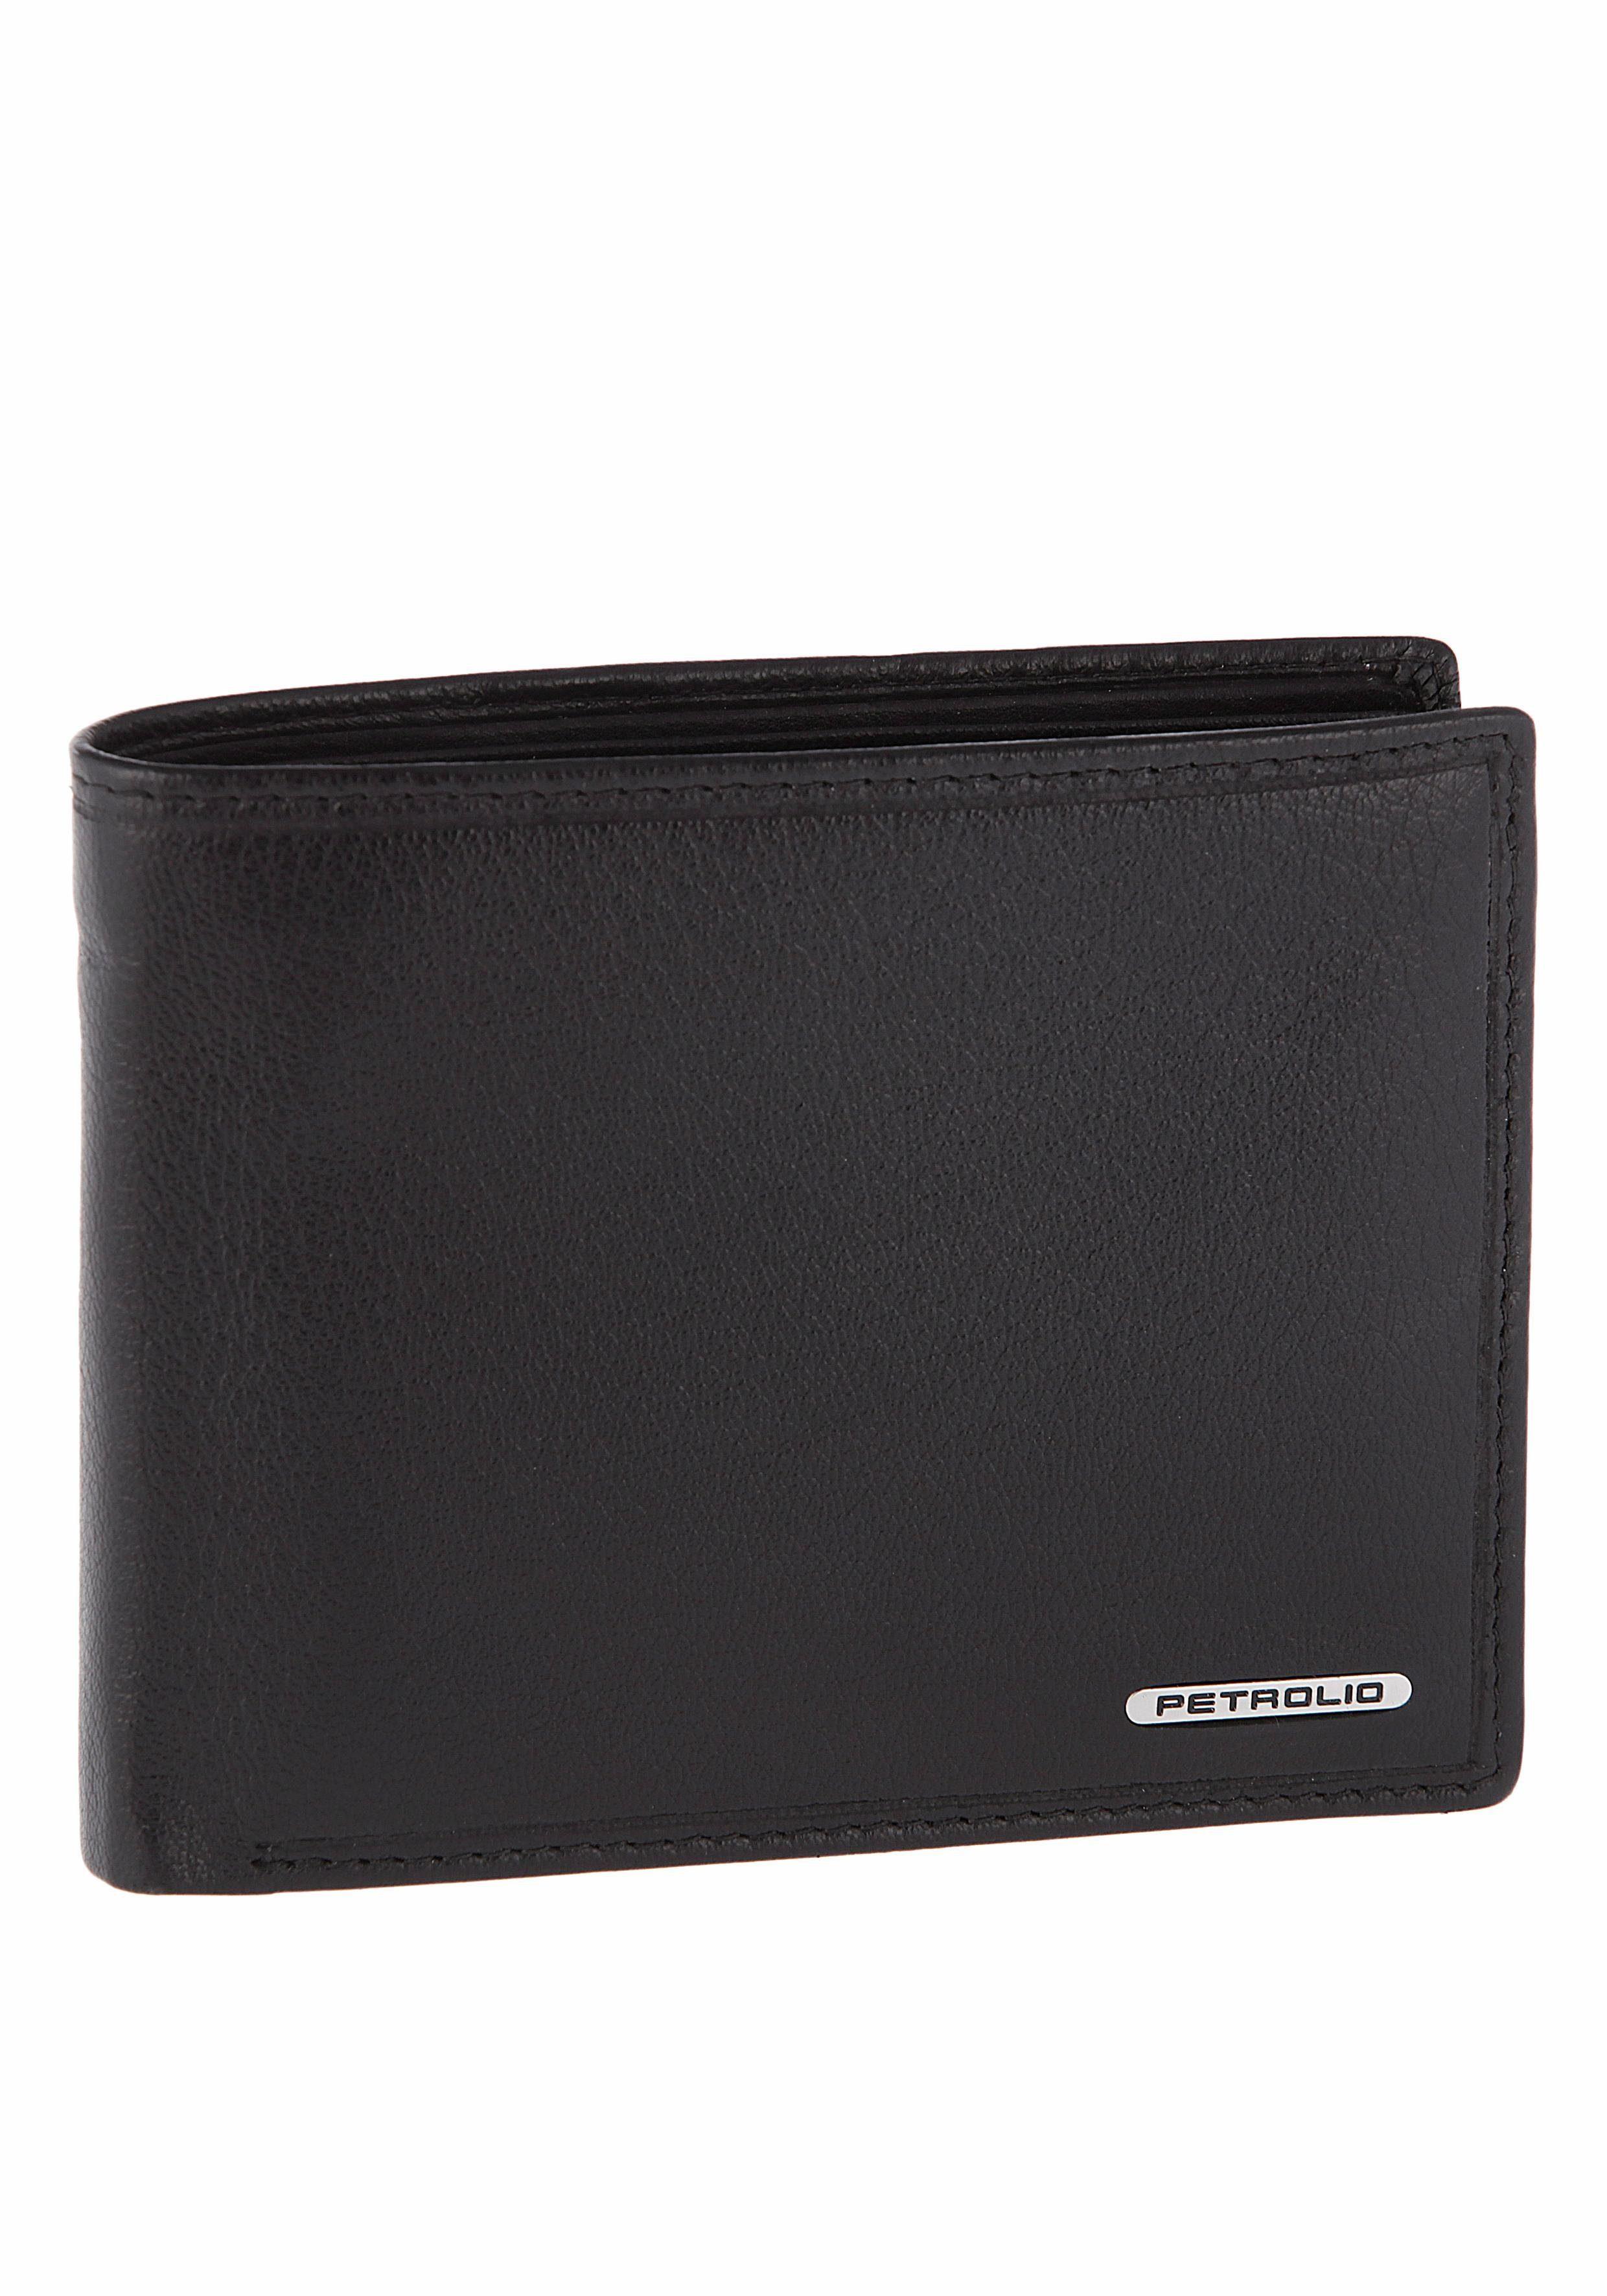 PETROLIO Geldbörse, aus echtem Leder in praktischer Geschenkbox